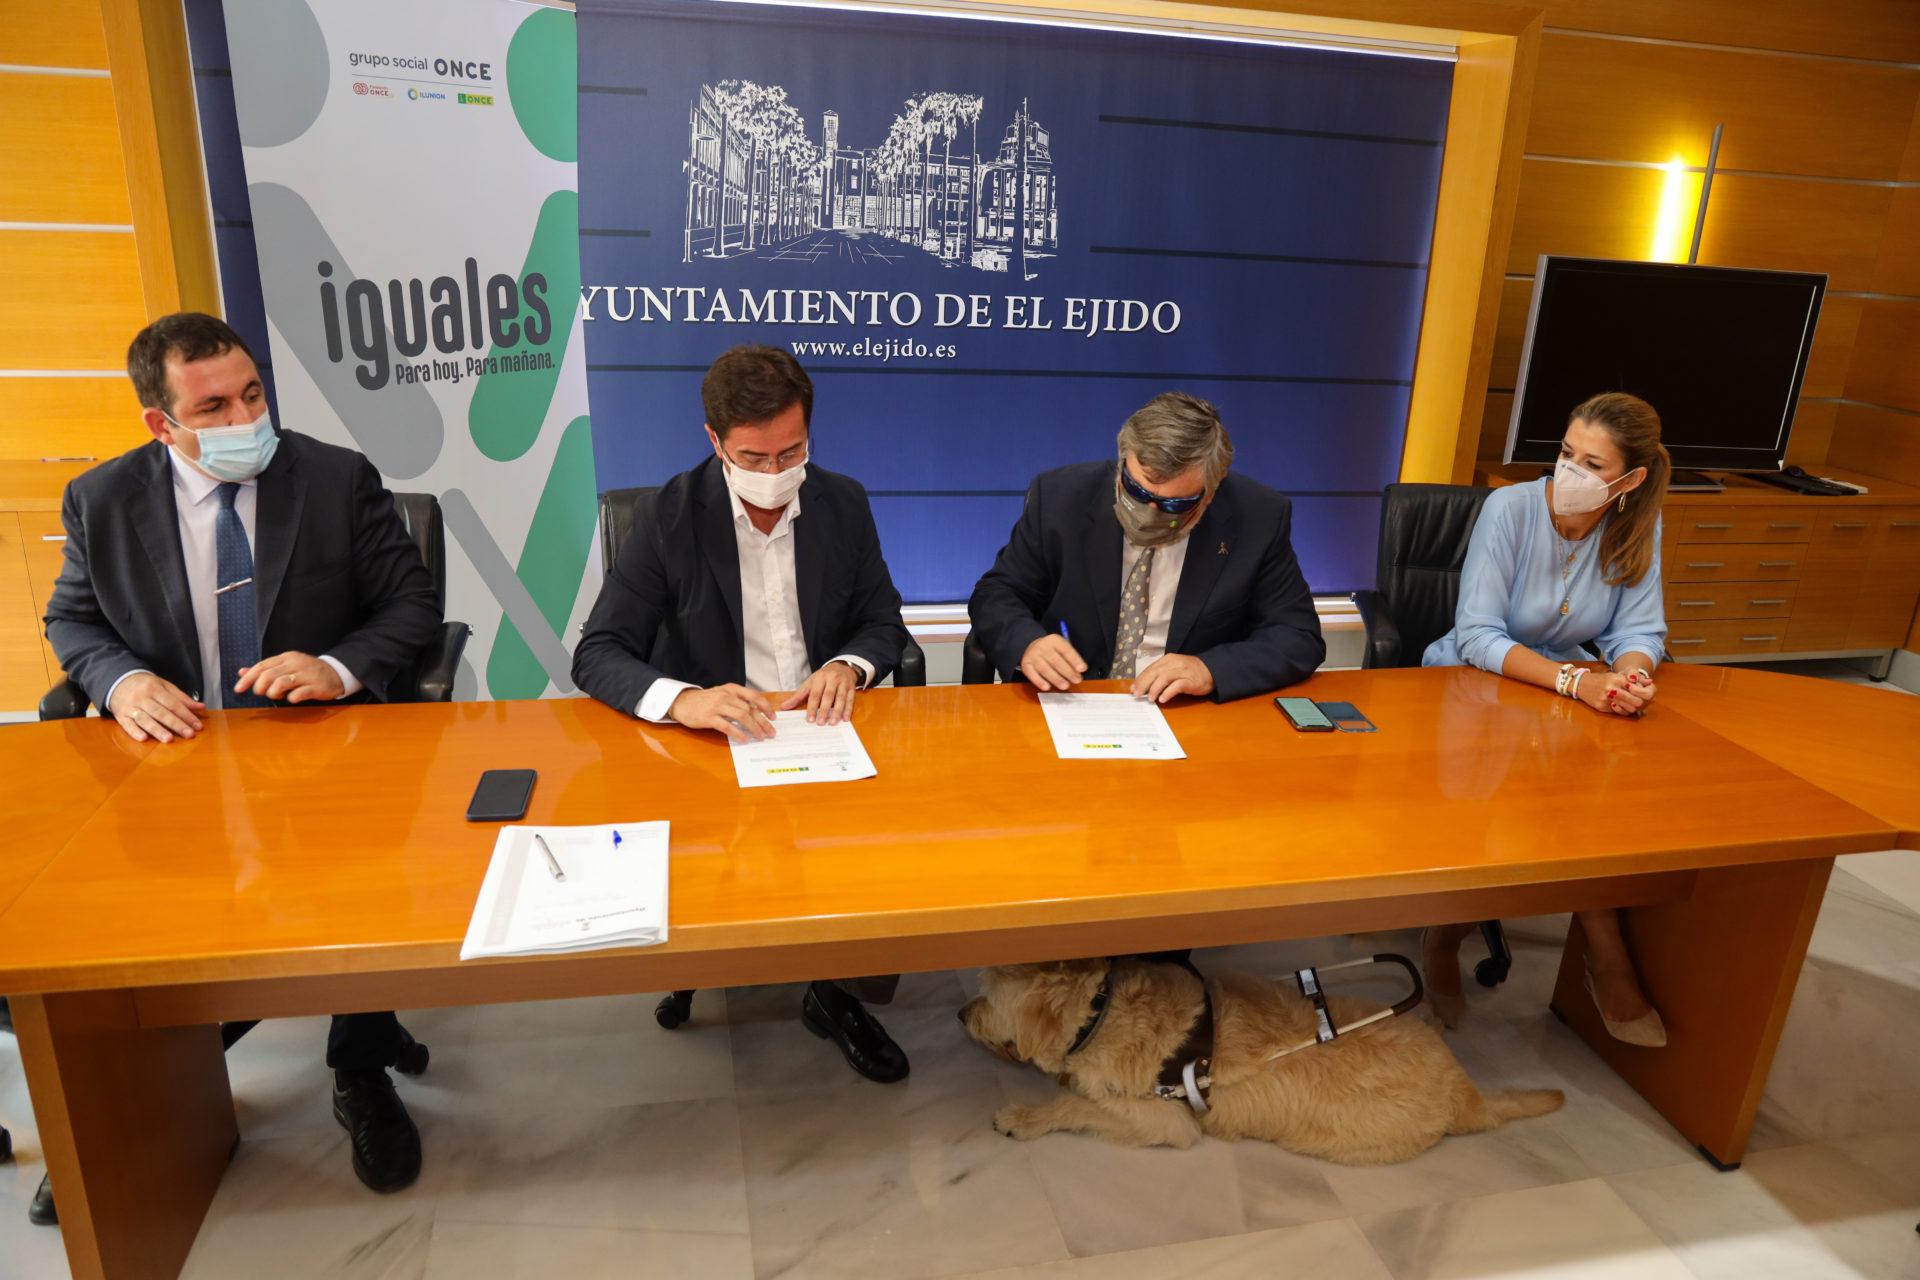 El Ayuntamiento de El Ejido y ONCE firman un convenio para la promoción y difusión de proyectos de atención a personas con discapacidad